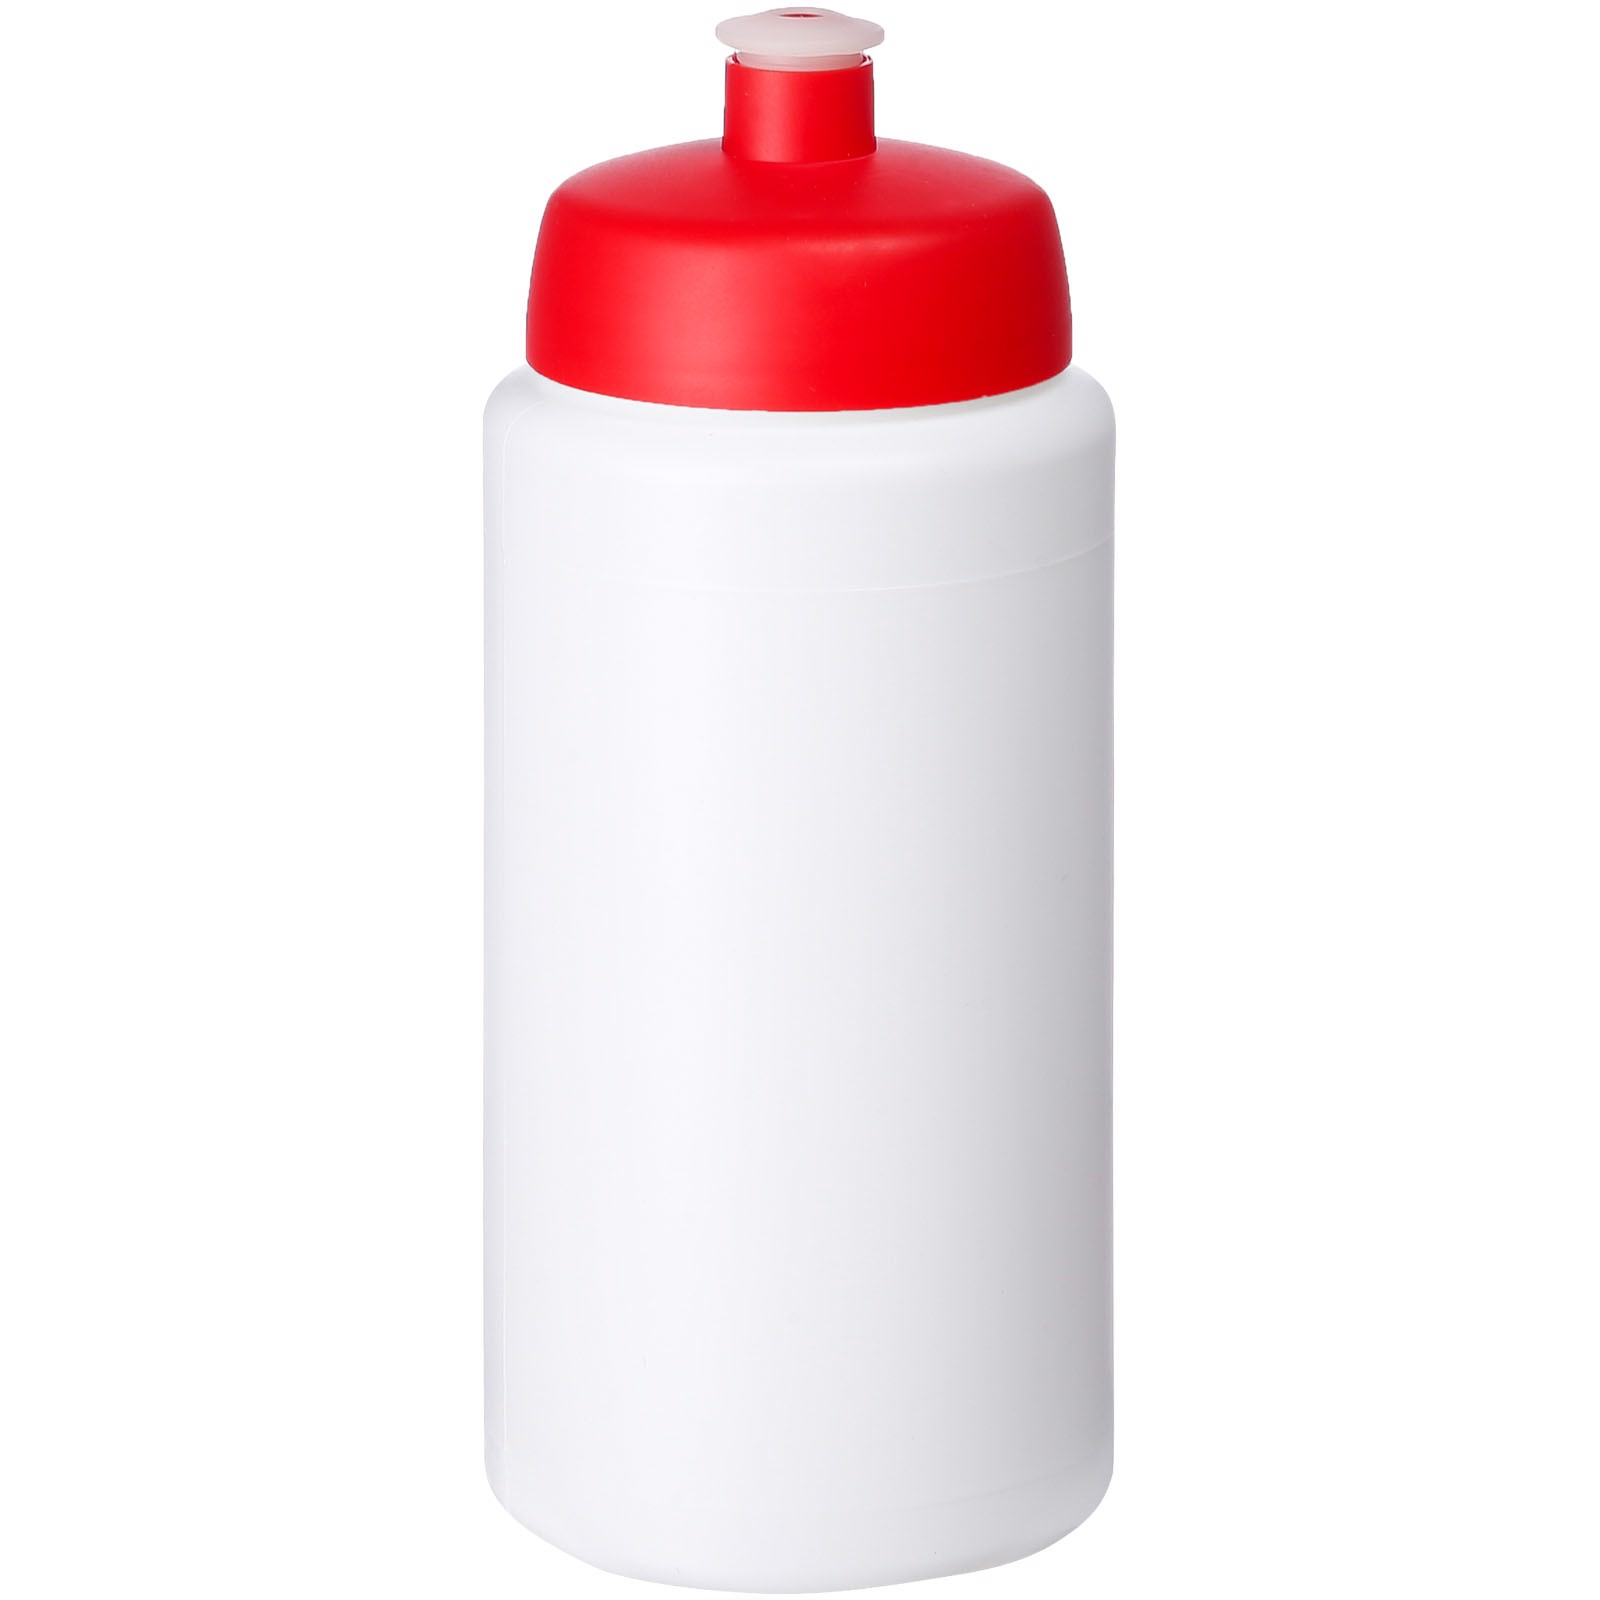 Baseline® Plus grip 500 ml sports lid sport bottle - White / Red